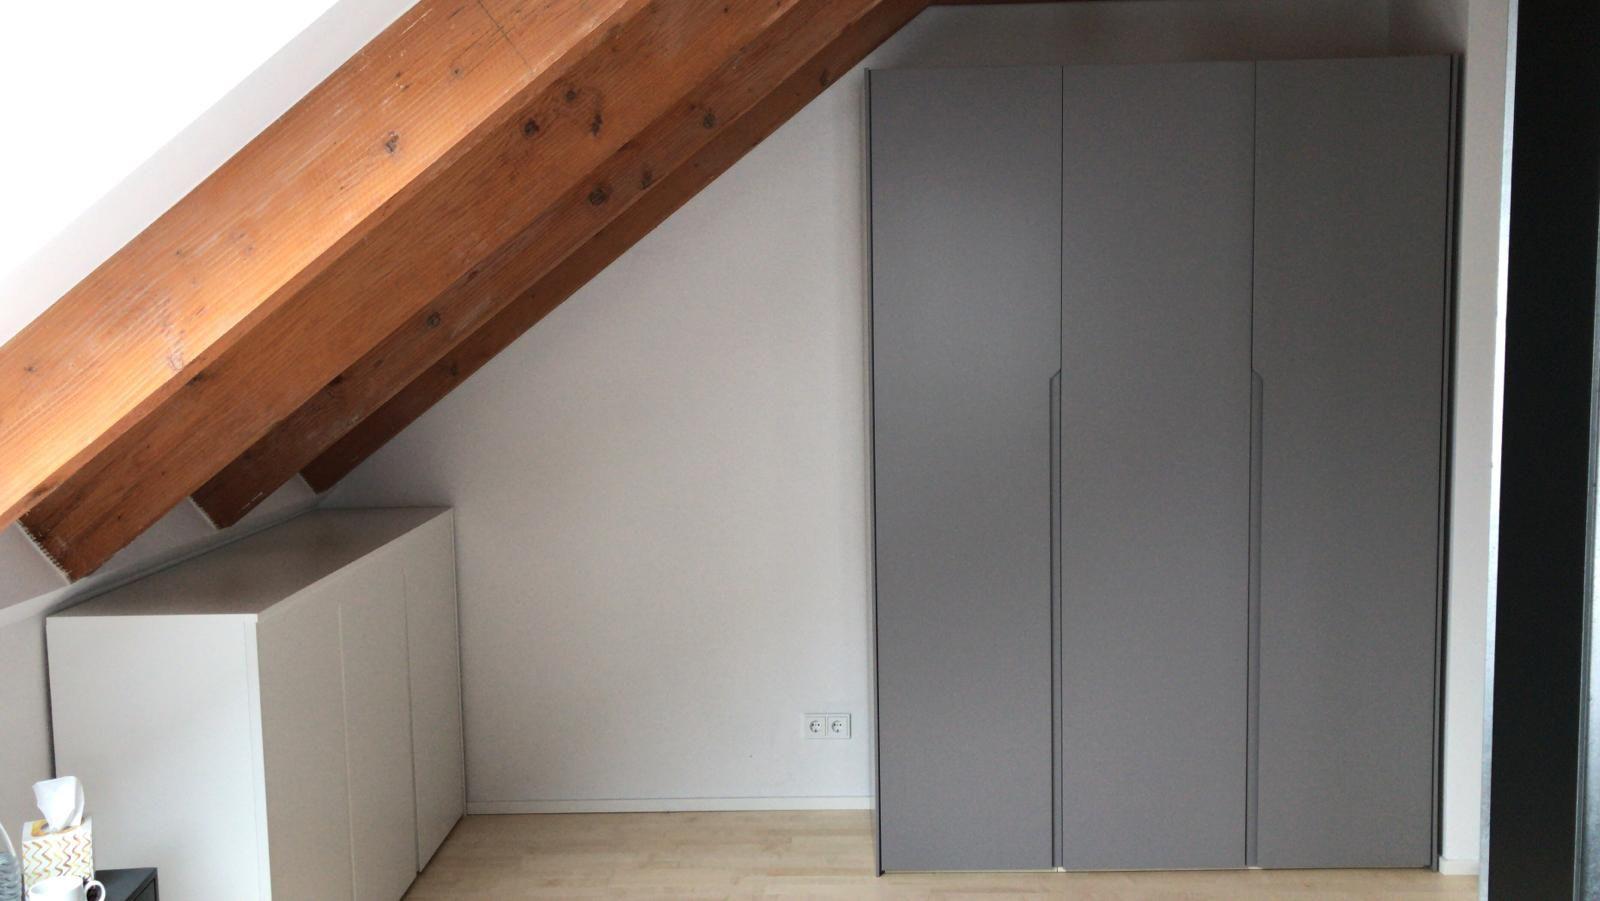 Idaw Schrank Nach Mass Einbauschranke Und Design Kommoden Home Interior Design